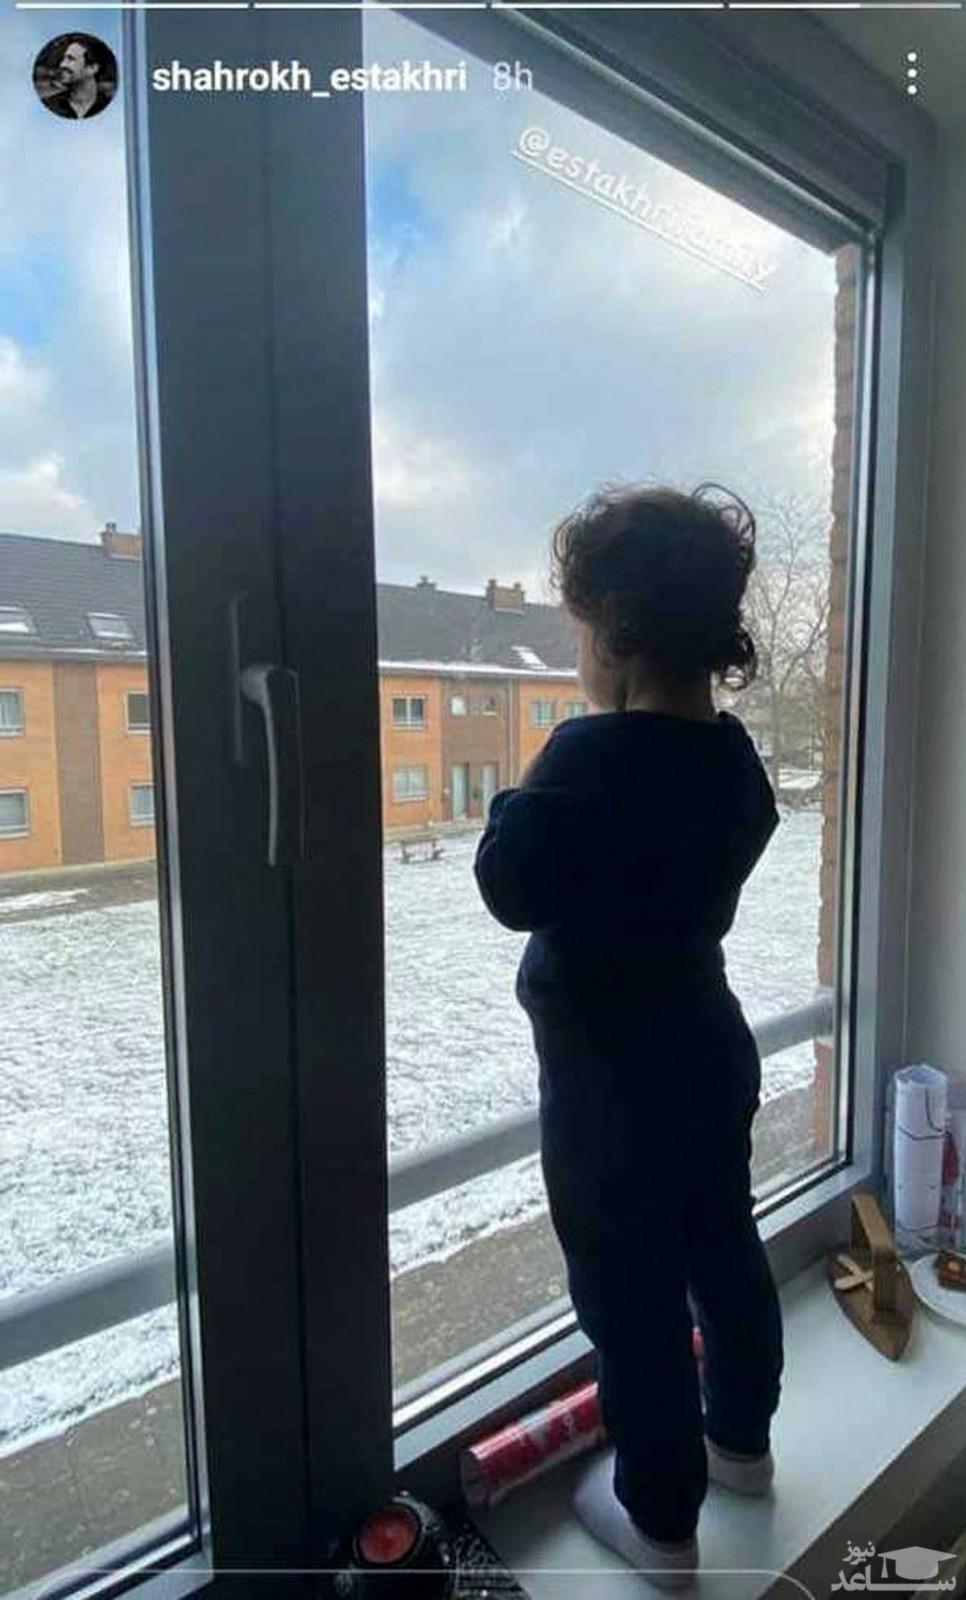 عکس جذاب دختر شاهرخ استخری